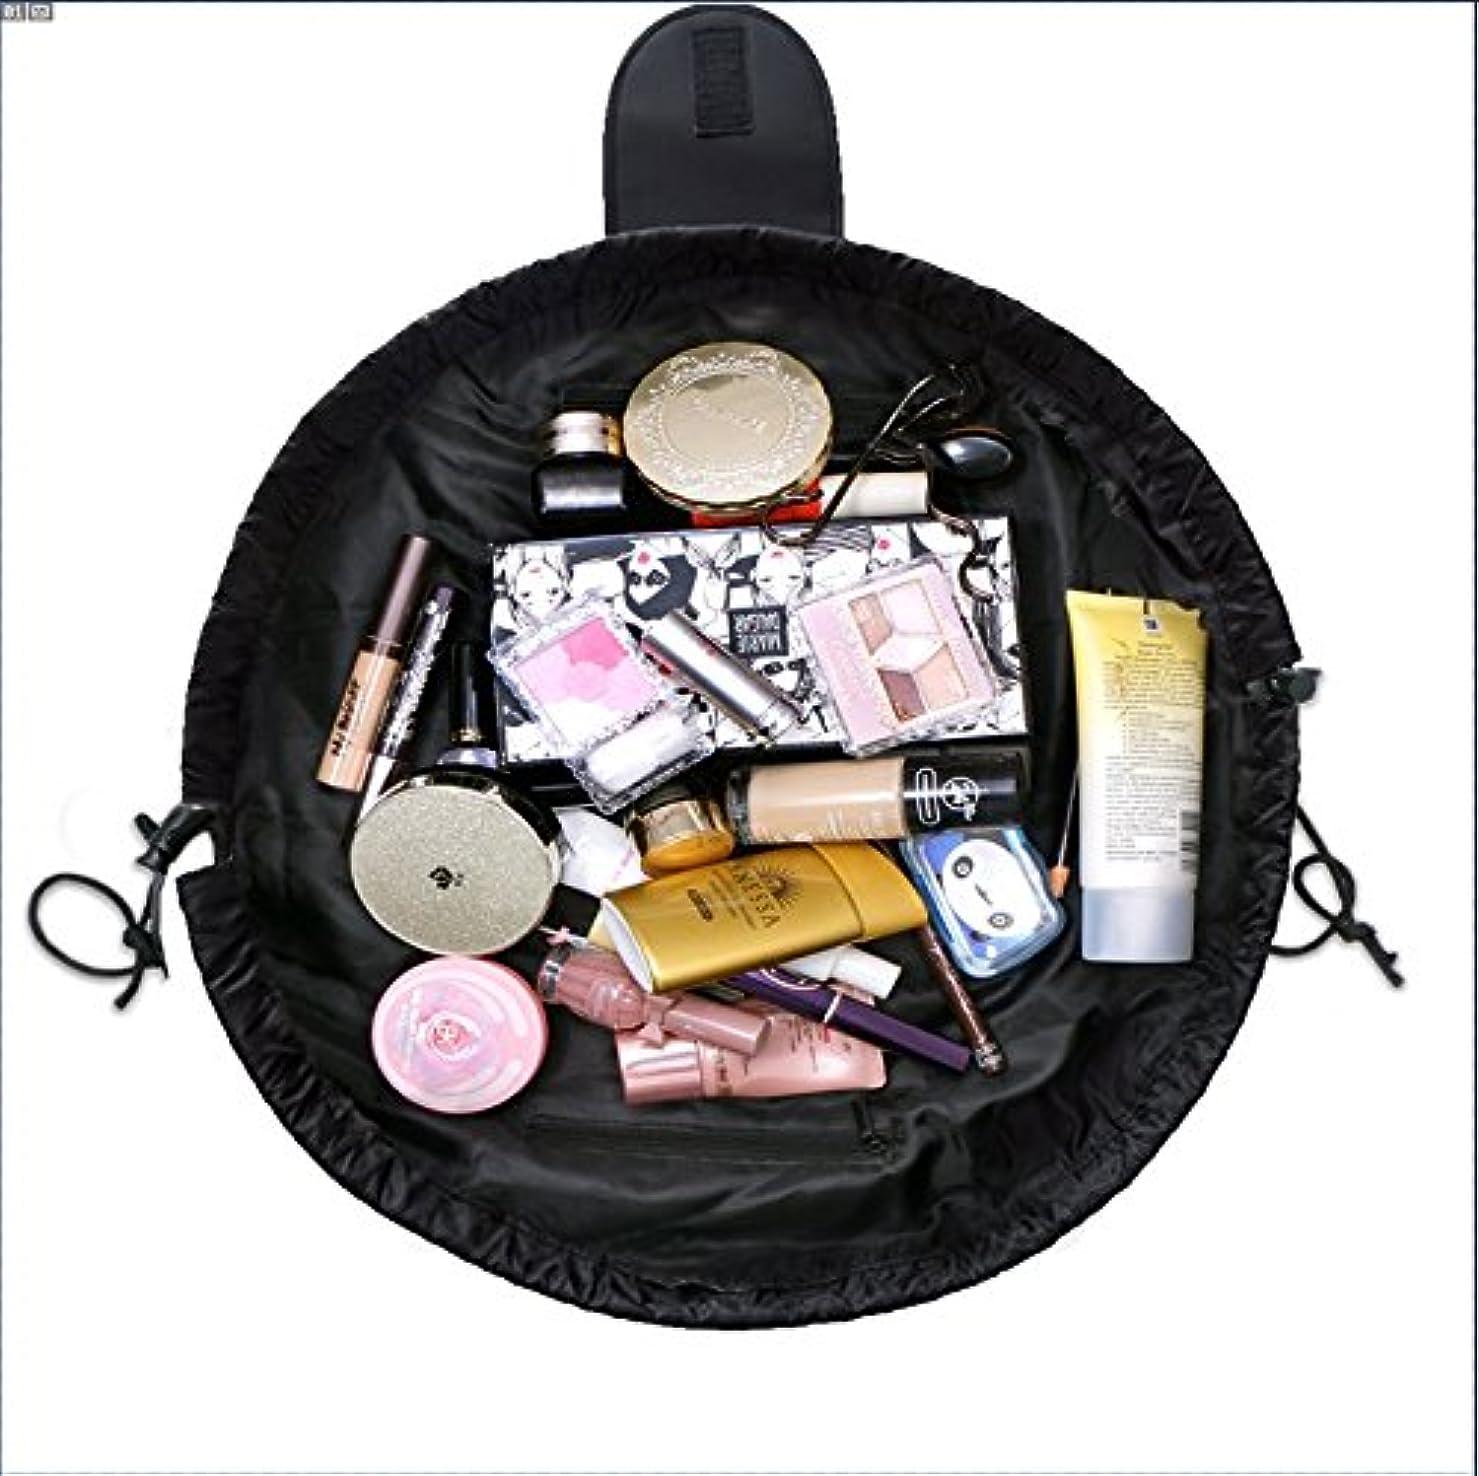 テレビ副産物割れ目旅行化粧バッグ ファッションお手軽カジュアル巾着旅行防水大容量の化粧バック (ブラック)